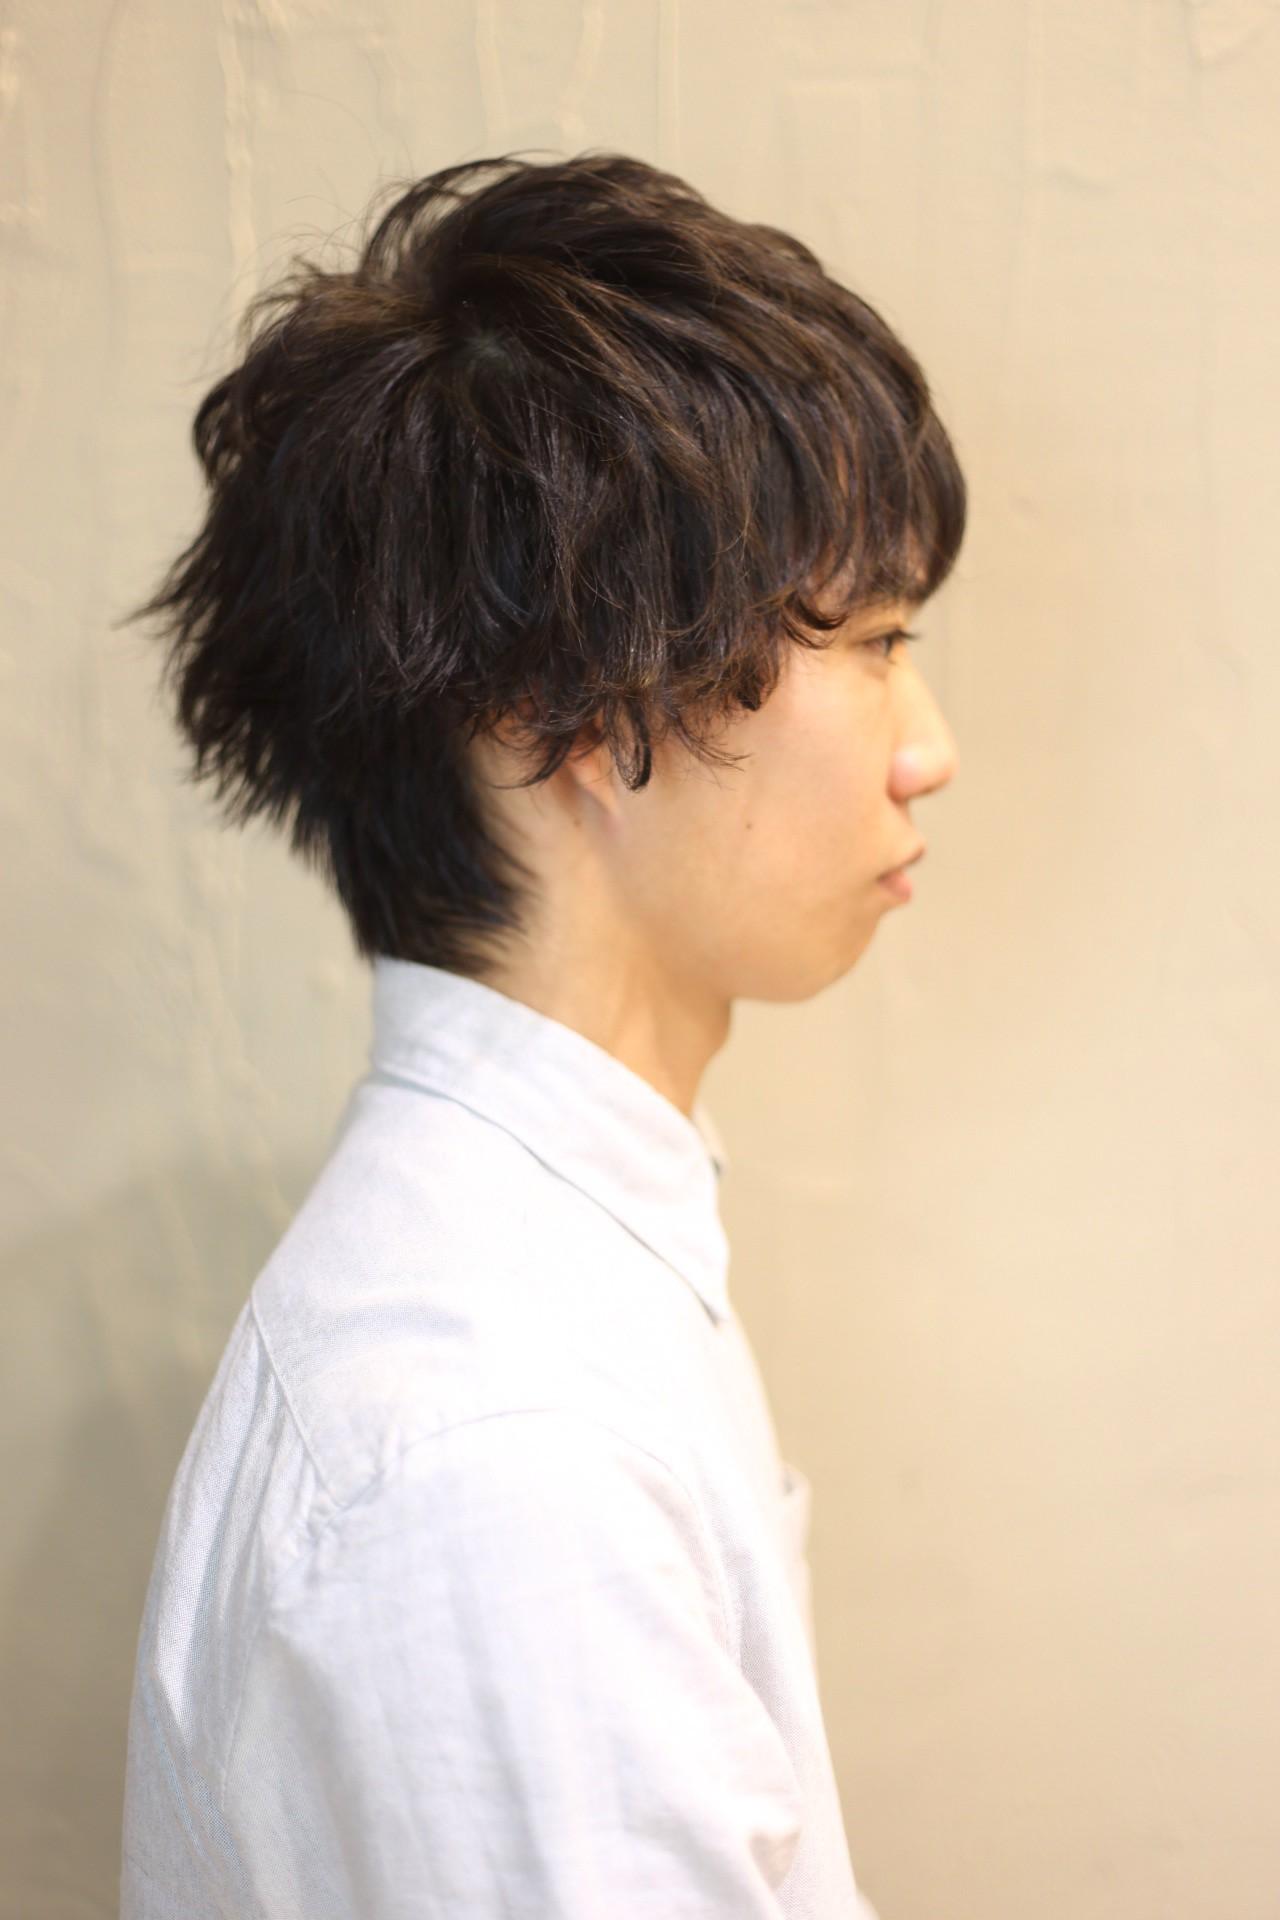 men's style01